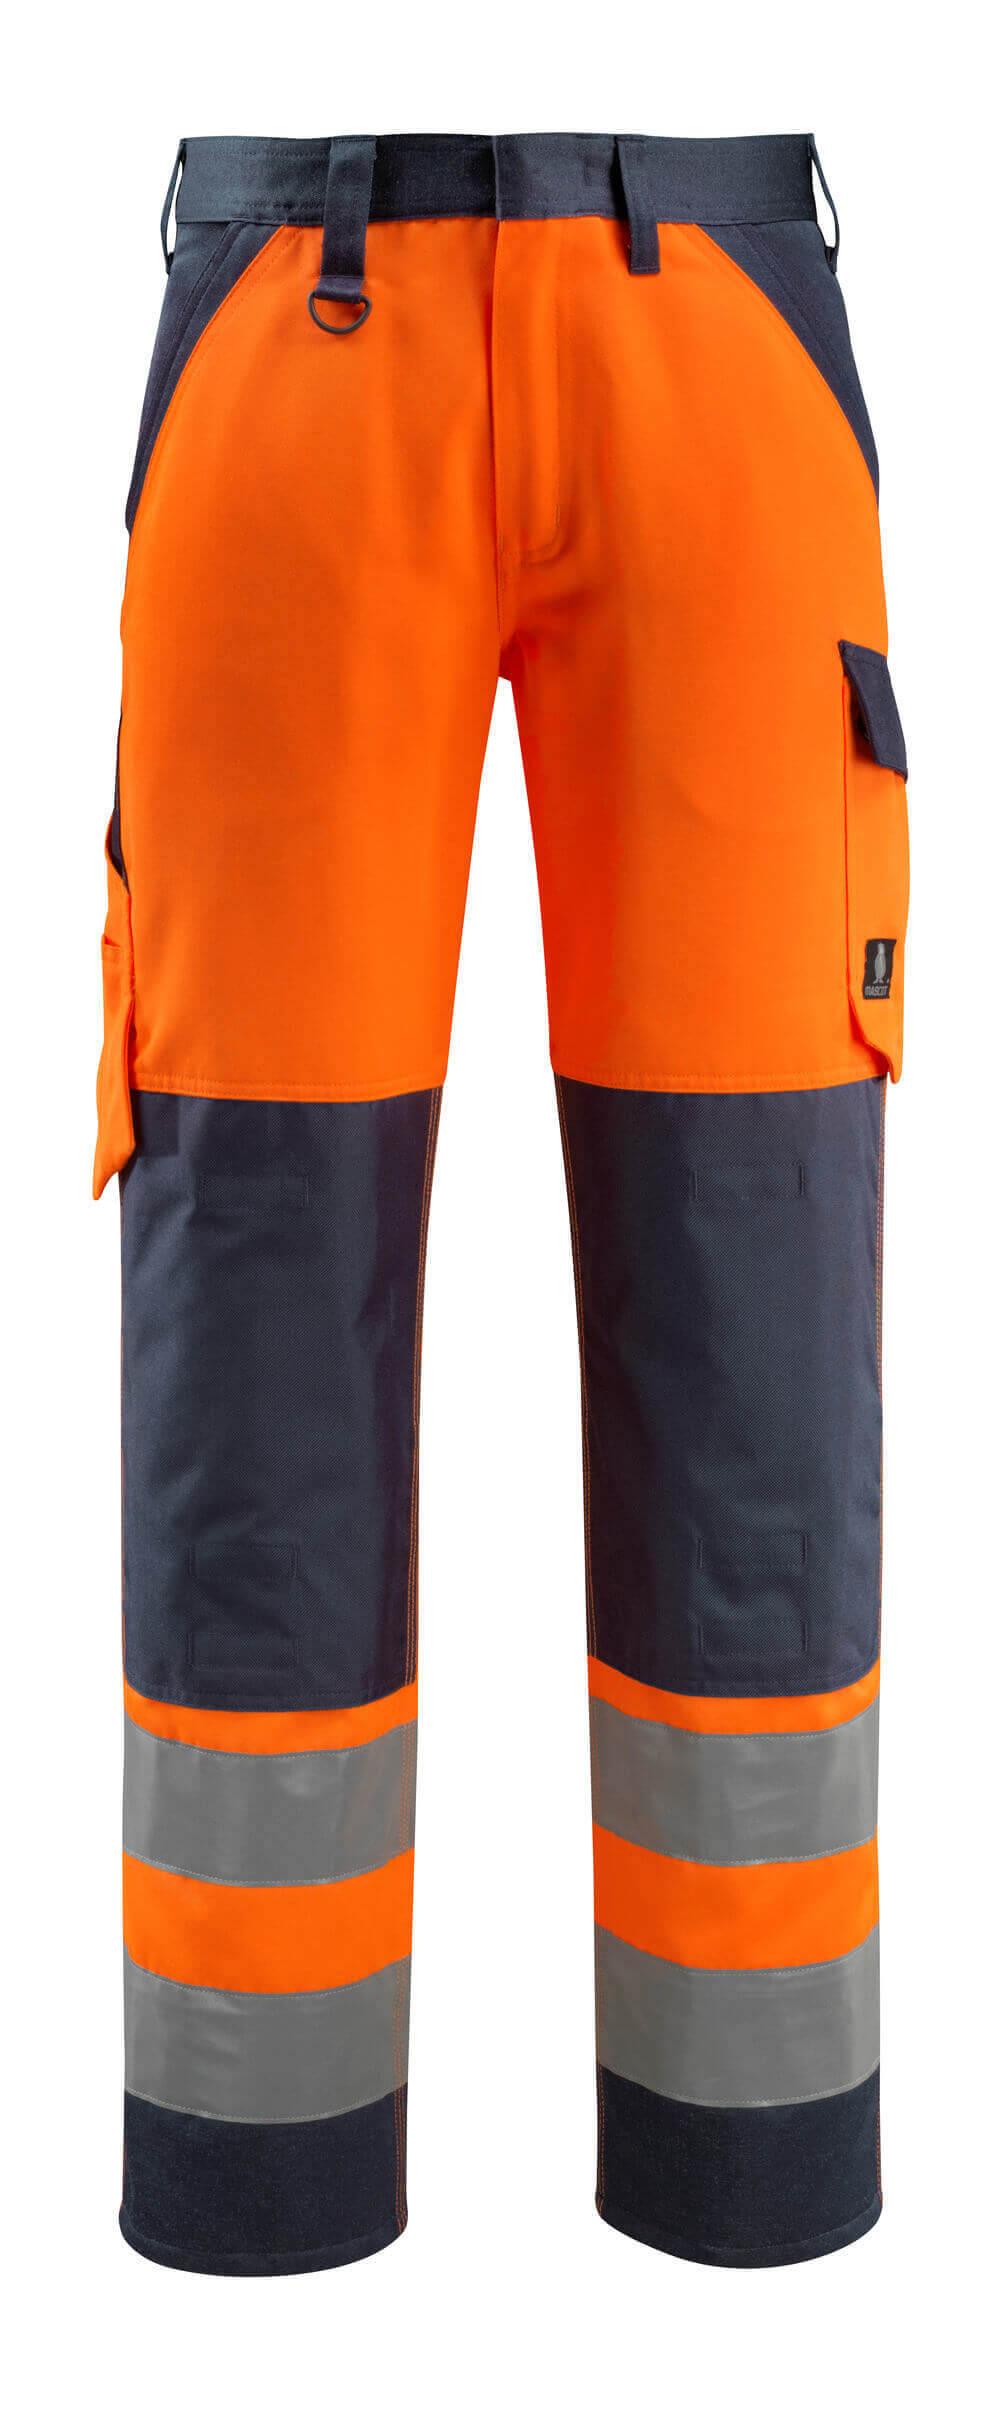 Maitland- Pantalon de travail Haute visibilité